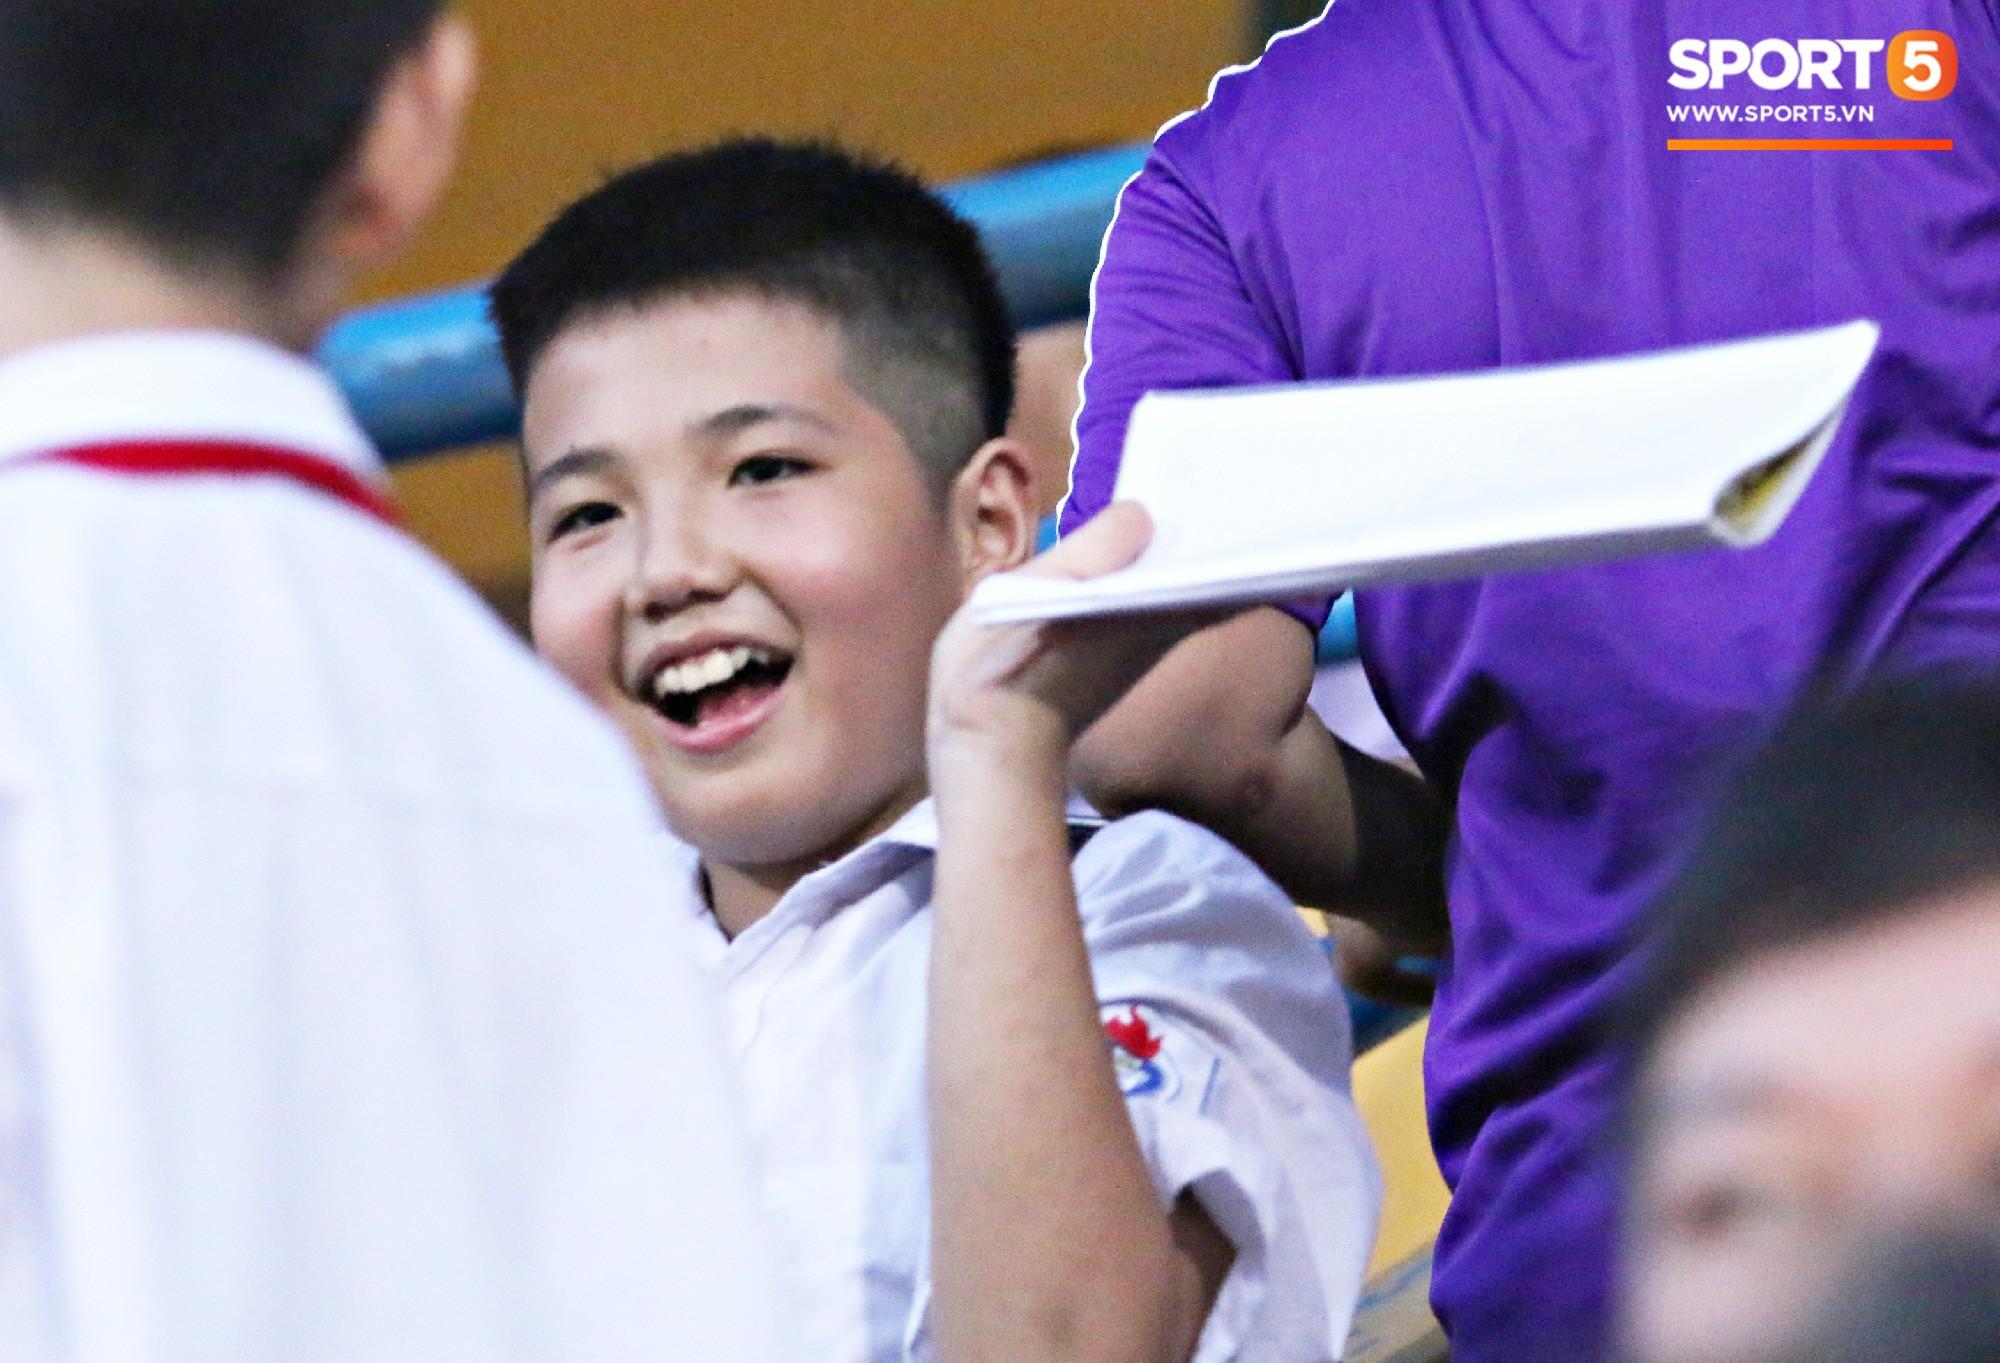 Duy Mạnh kín đáo đến xem Hà Nội Nội thi đấu, vẫn bị fan nhí nhanh mắt phát hiện và vây kín - Ảnh 4.